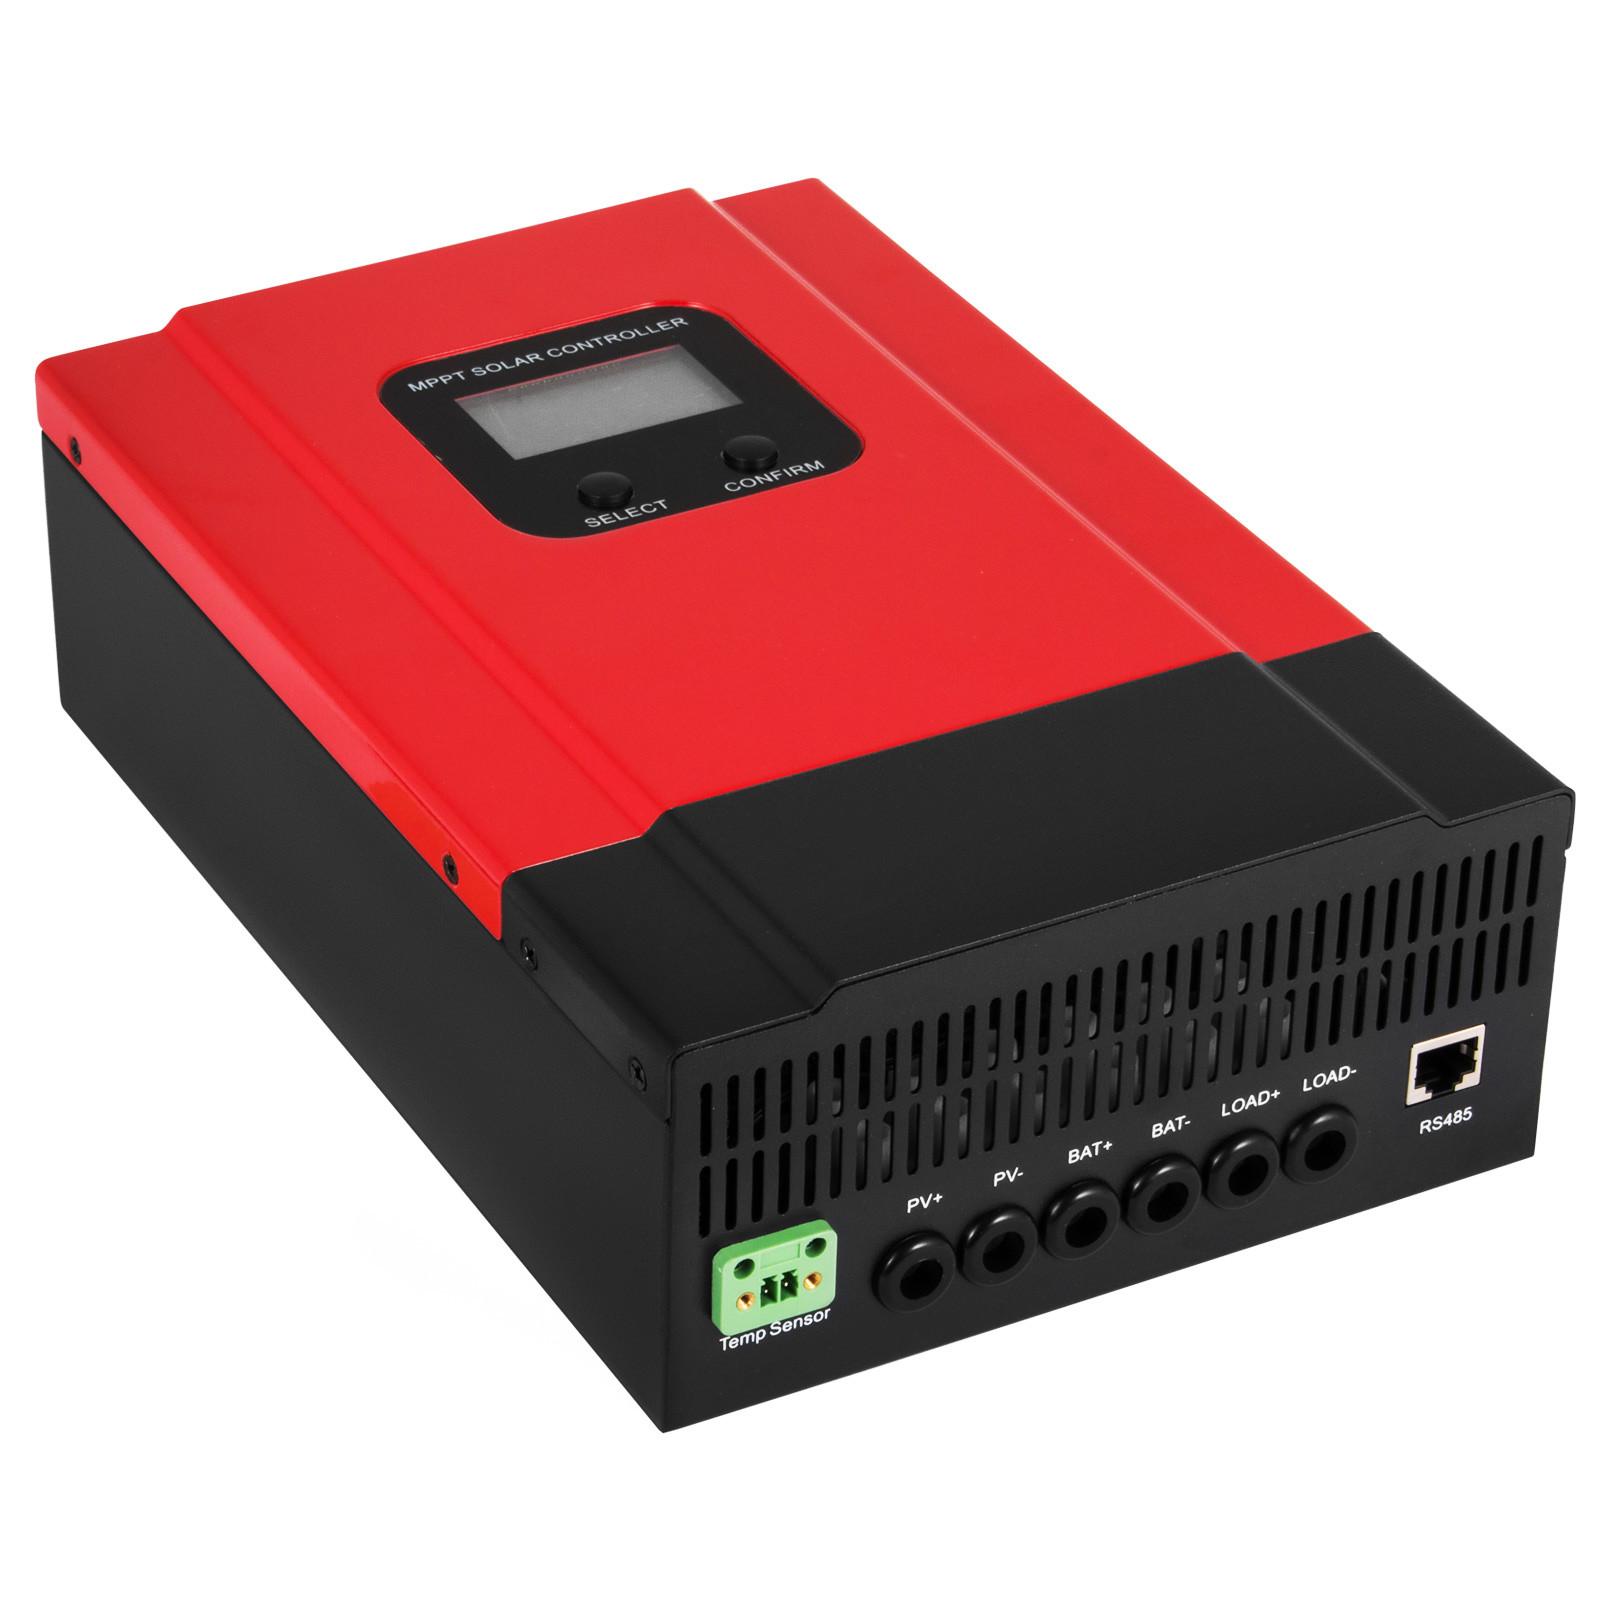 ESMART-3-LCD-40a-50a-60a-12v-24v-36v-48v-MPPT-Solar-Charge-Controller-Regolatore-di-carica miniatura 48